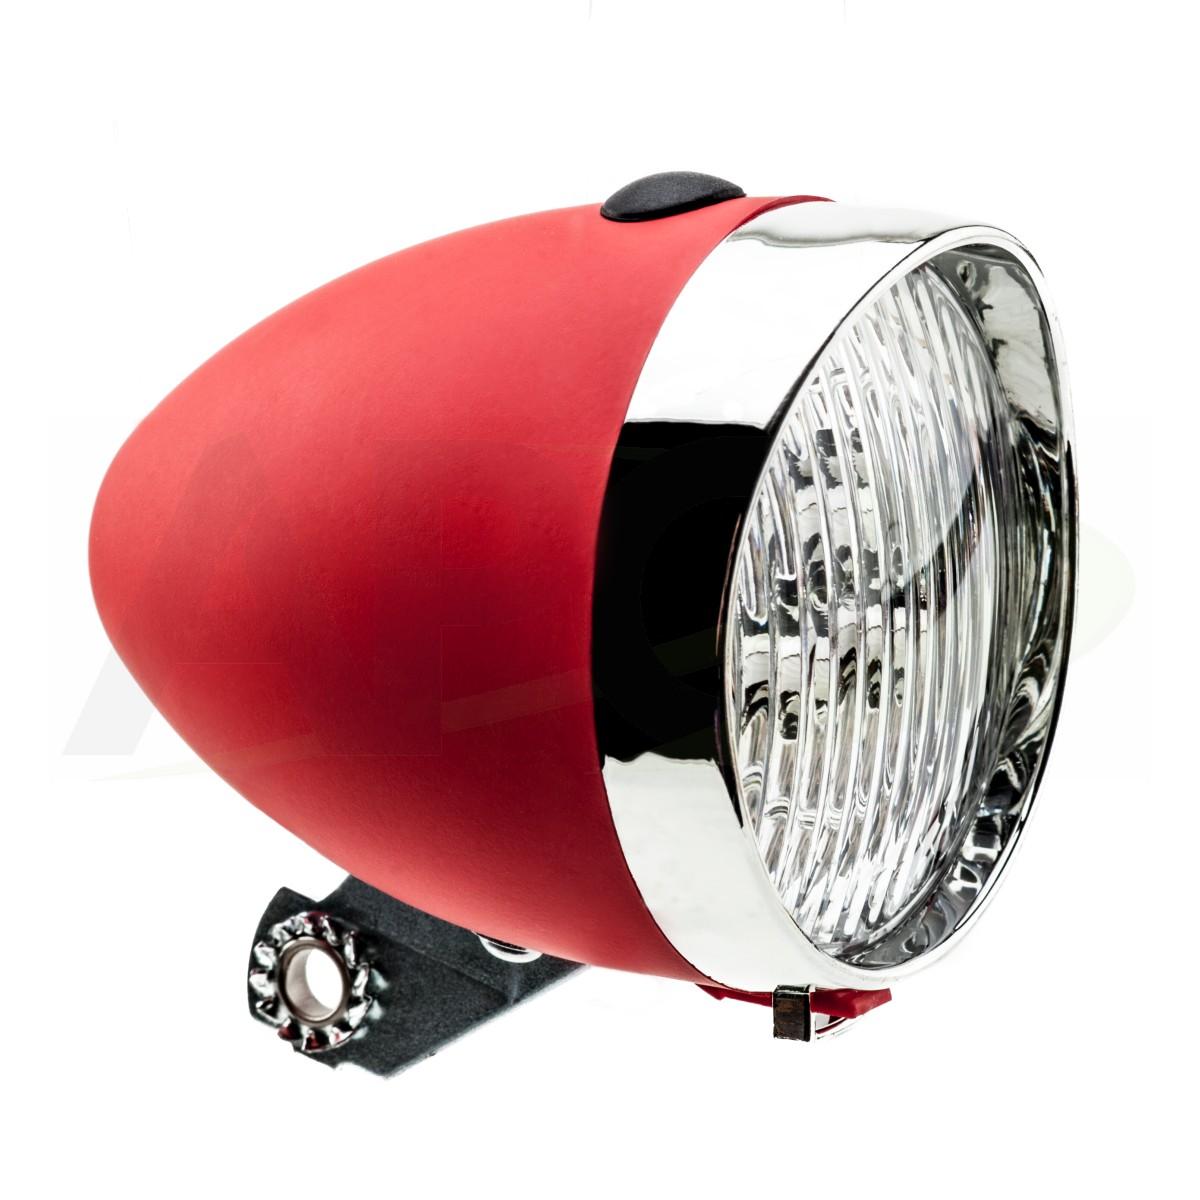 LAMPA BATERYJNA PRZÓD HW 160302 czerwona